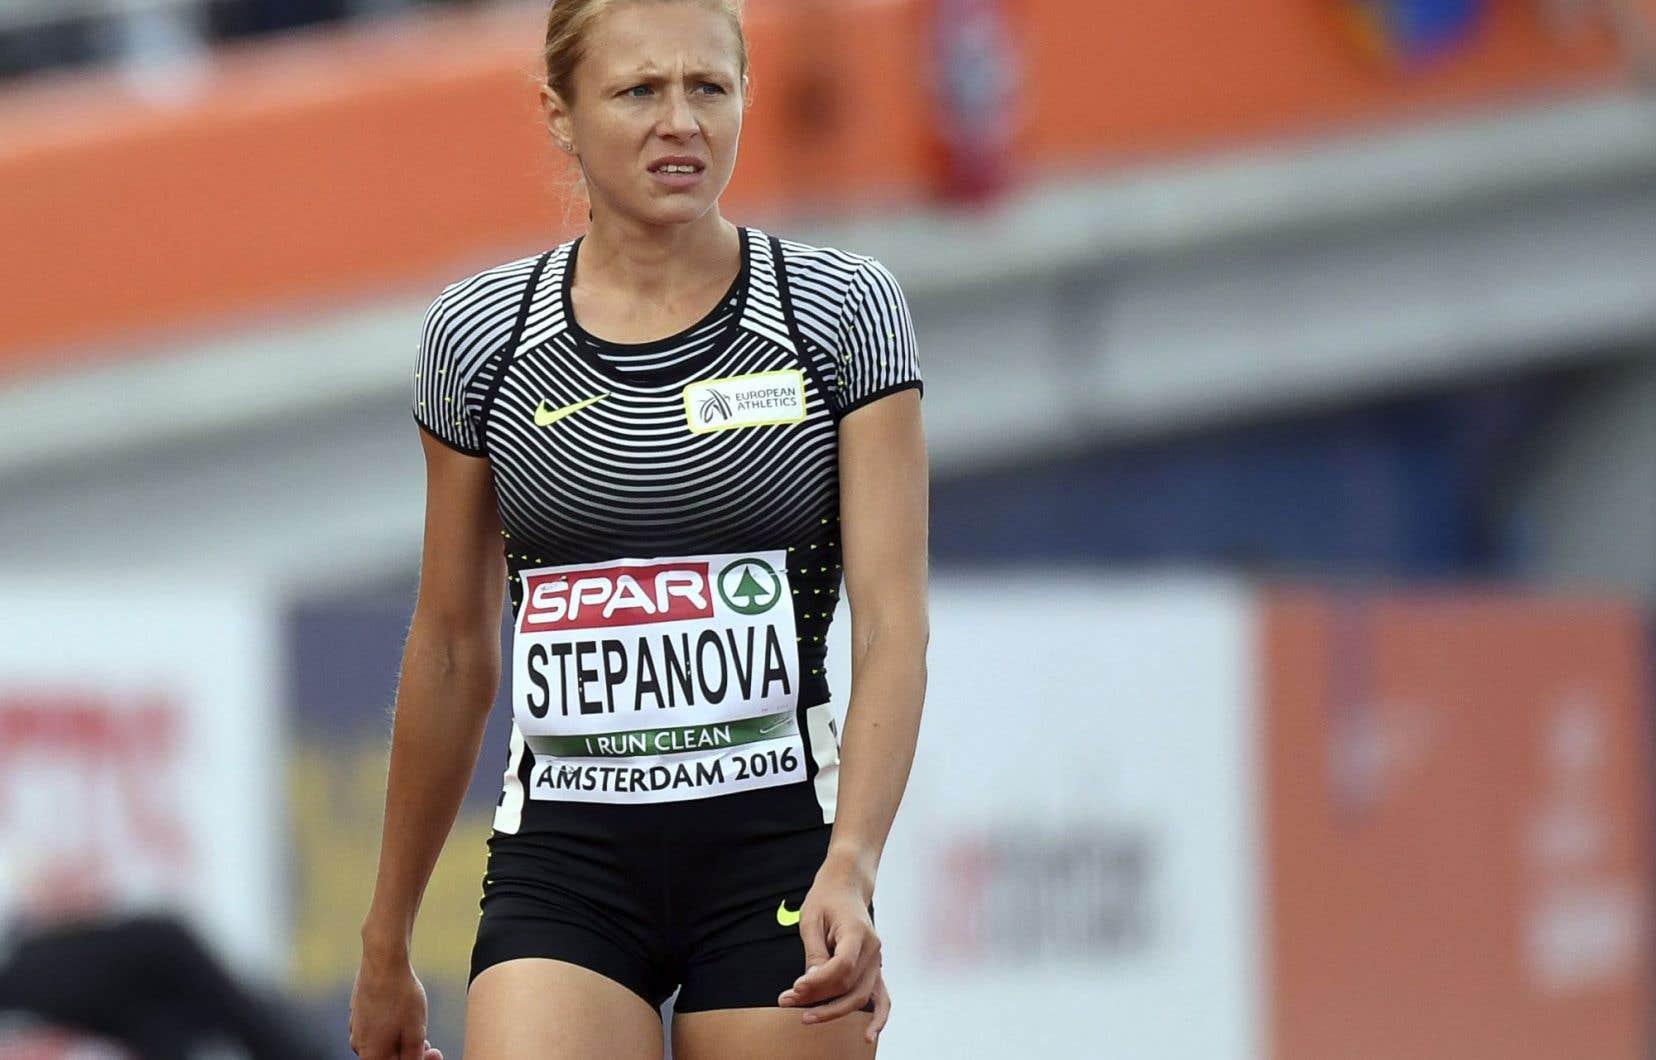 Le compte d'Yulia Stepanova sur le système Adams, où les athlètes se localisent pour pouvoir être contrôlés, a été piraté.